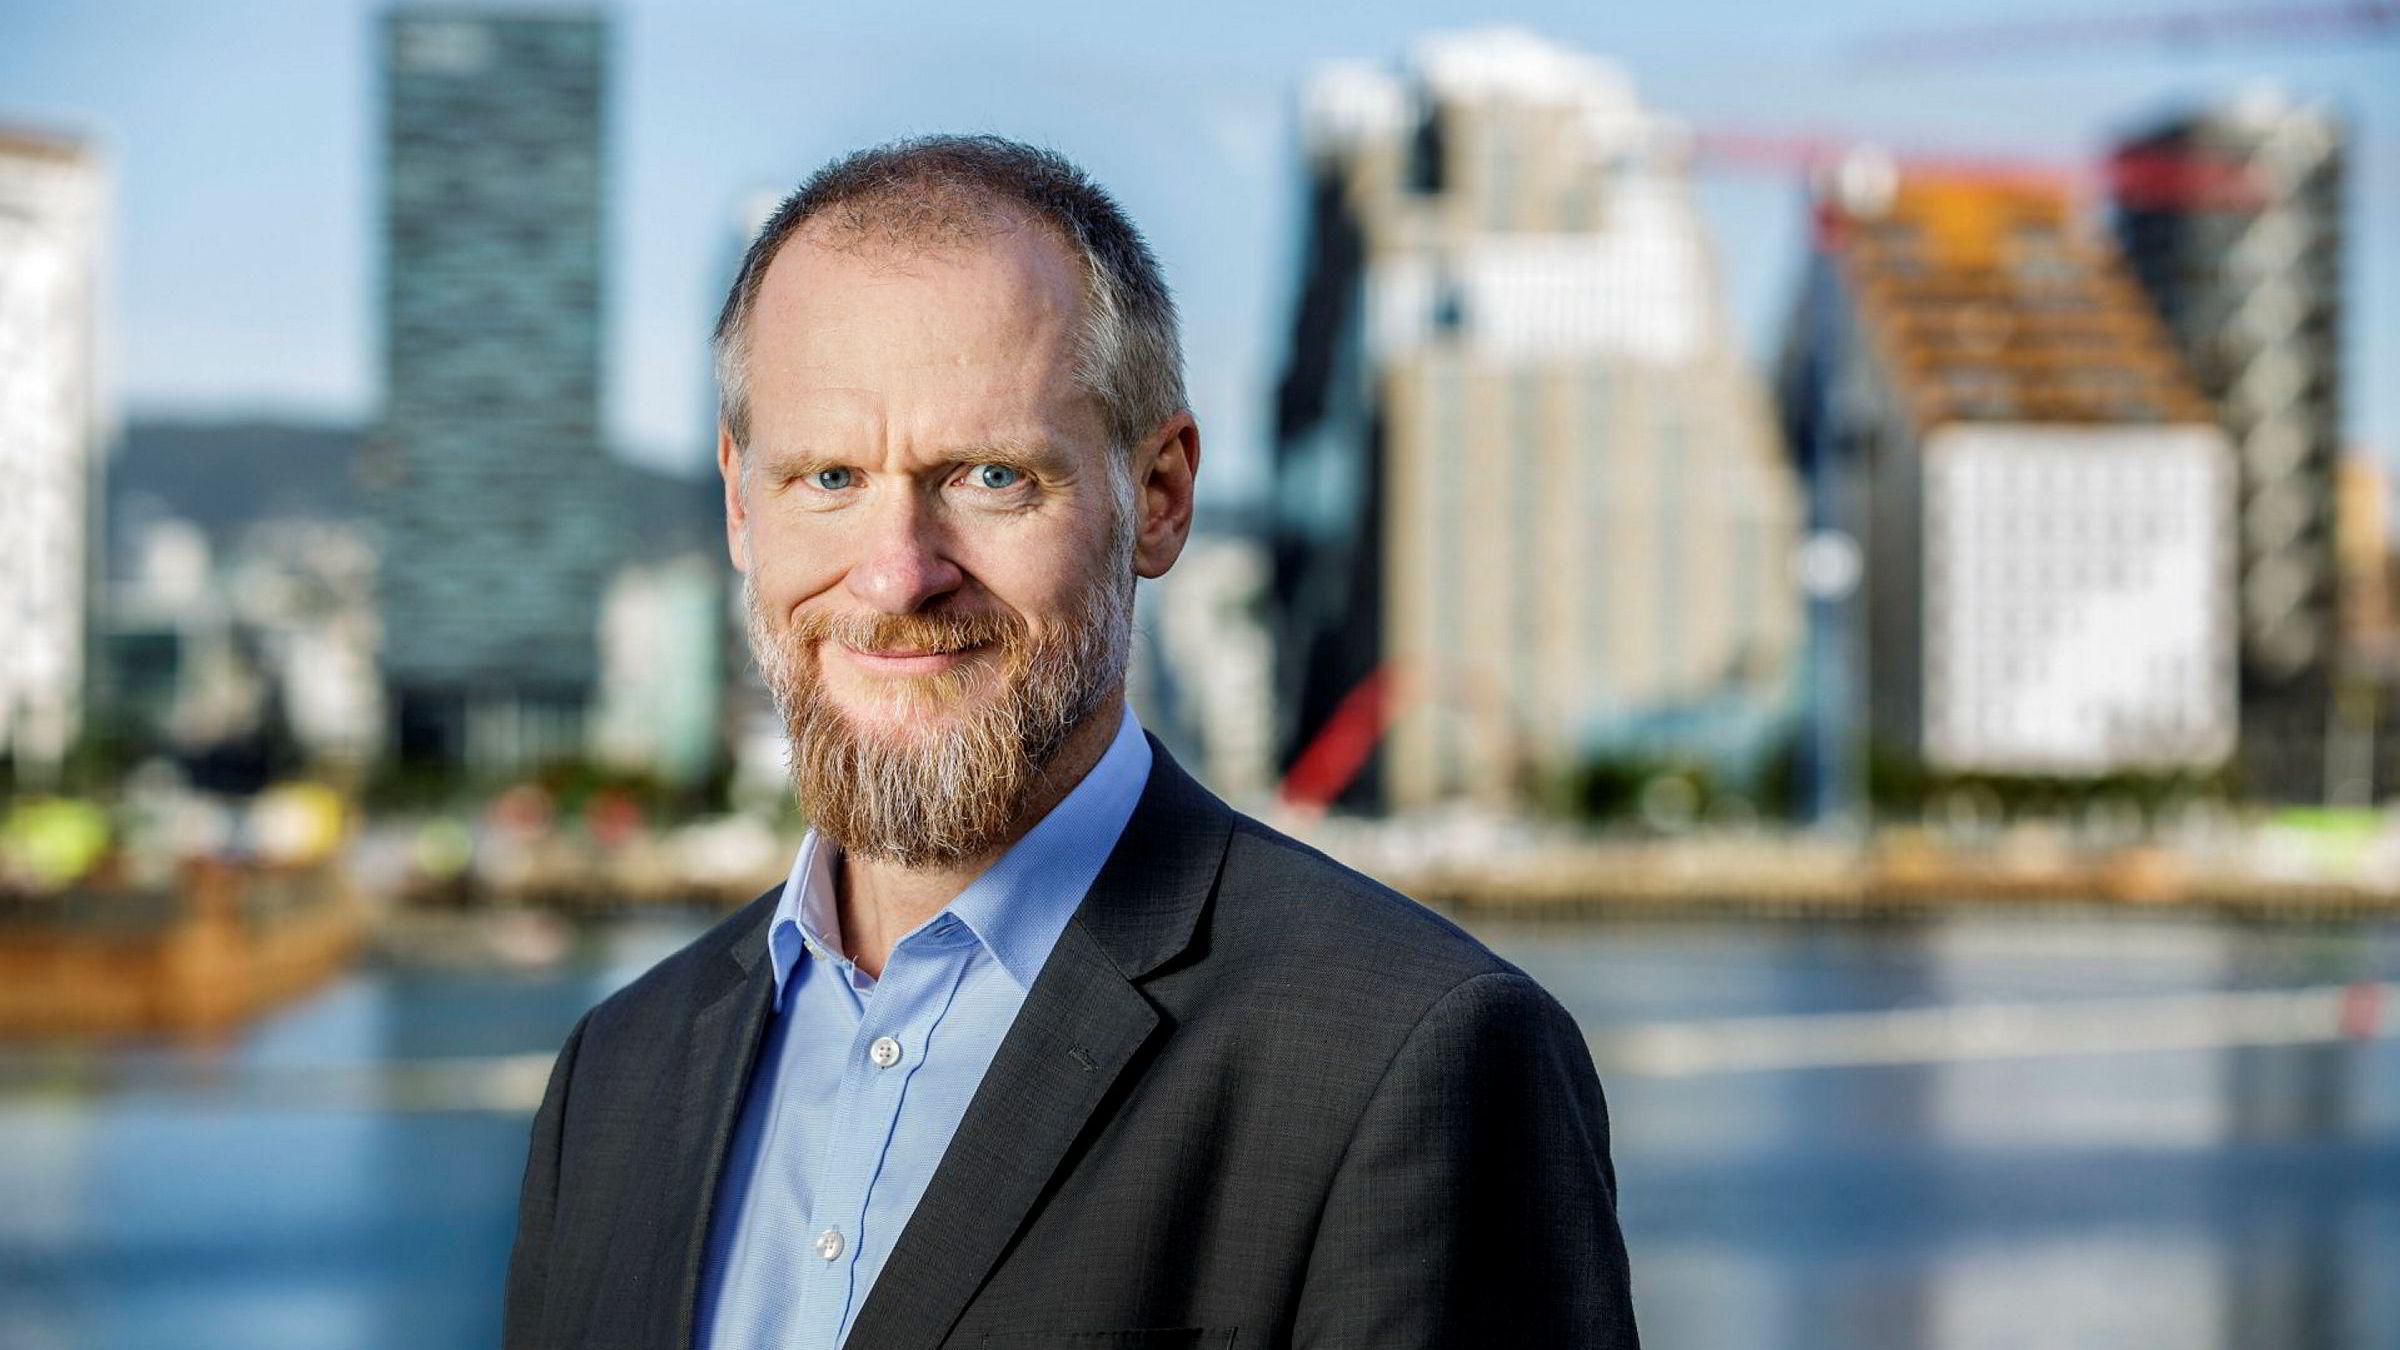 – De skaper usikkerhet for boligeiere og tilrettelegger for at investorer skal kunne ta kontrollen over boligsameier, mener advokat og avdelingsdirektør Henning Lauridsen i NBBL om flere forslagene til ny eierseksjonslov.